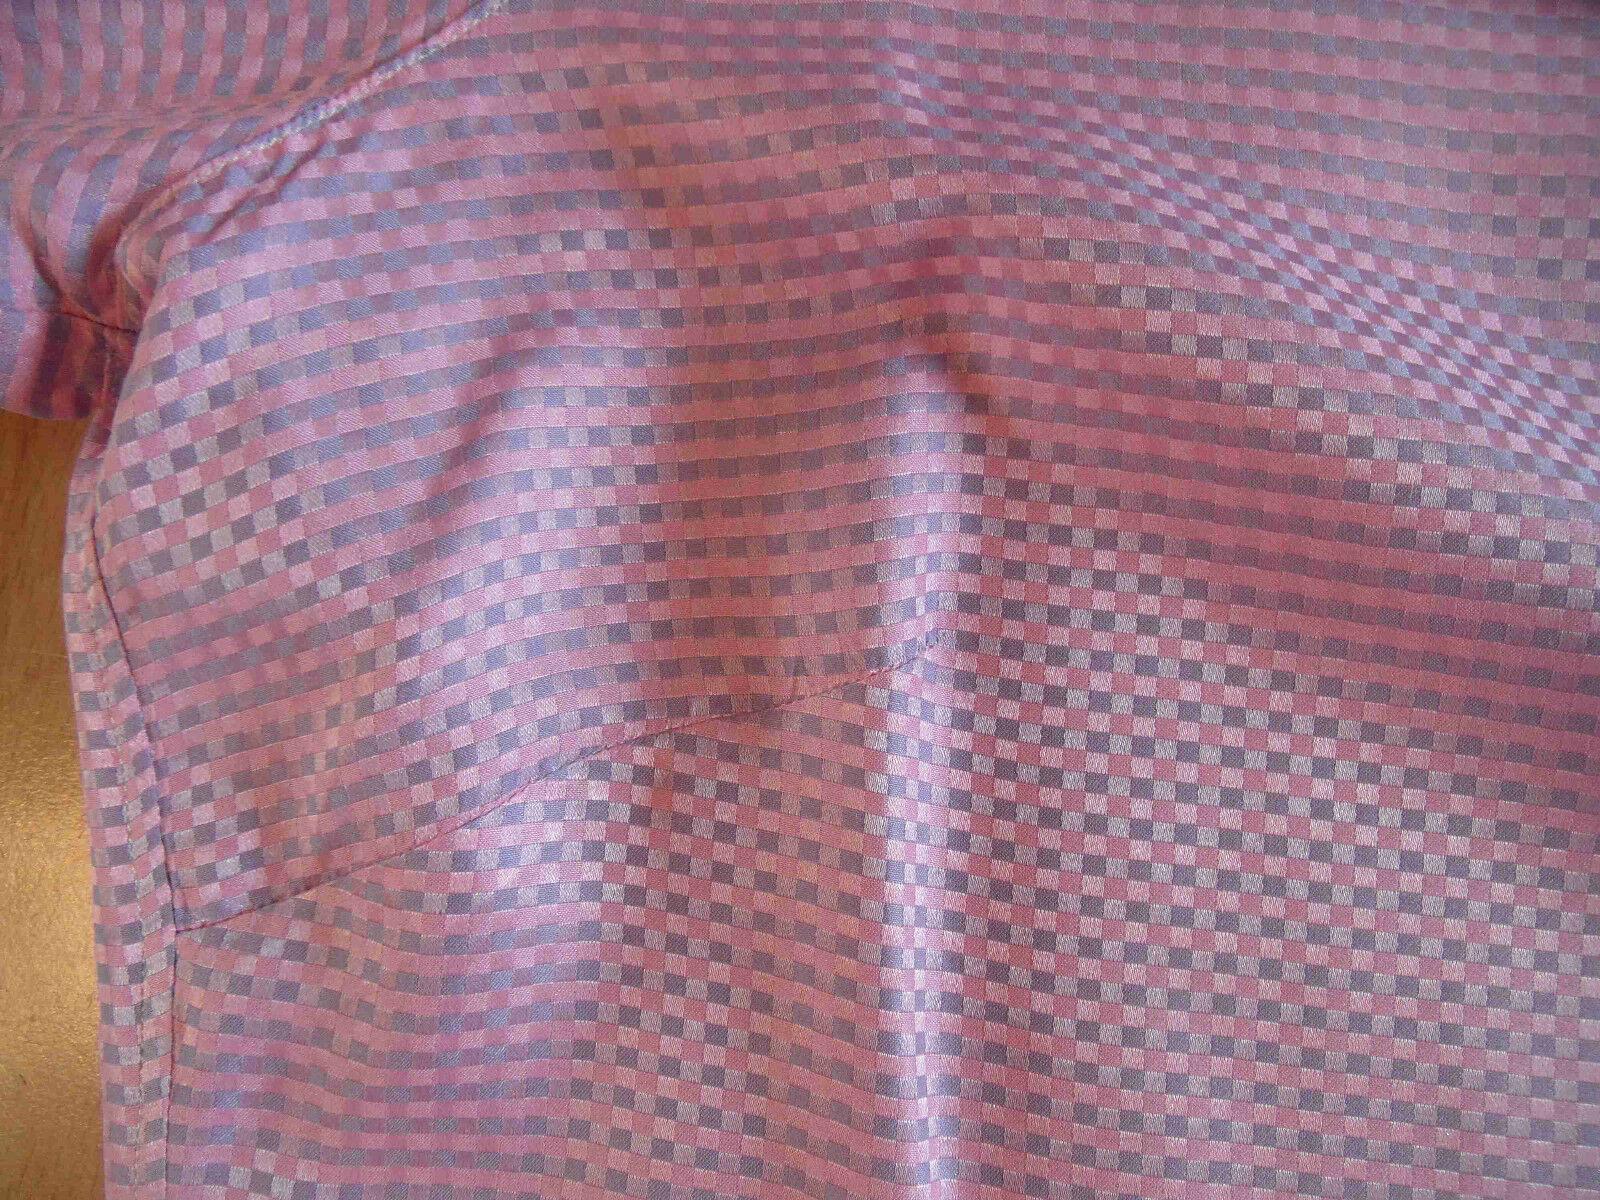 Designer di alta qualità-Camicia Seta rosa Taglia M bsu1215 Merce Merce Merce Nuova ed19f5